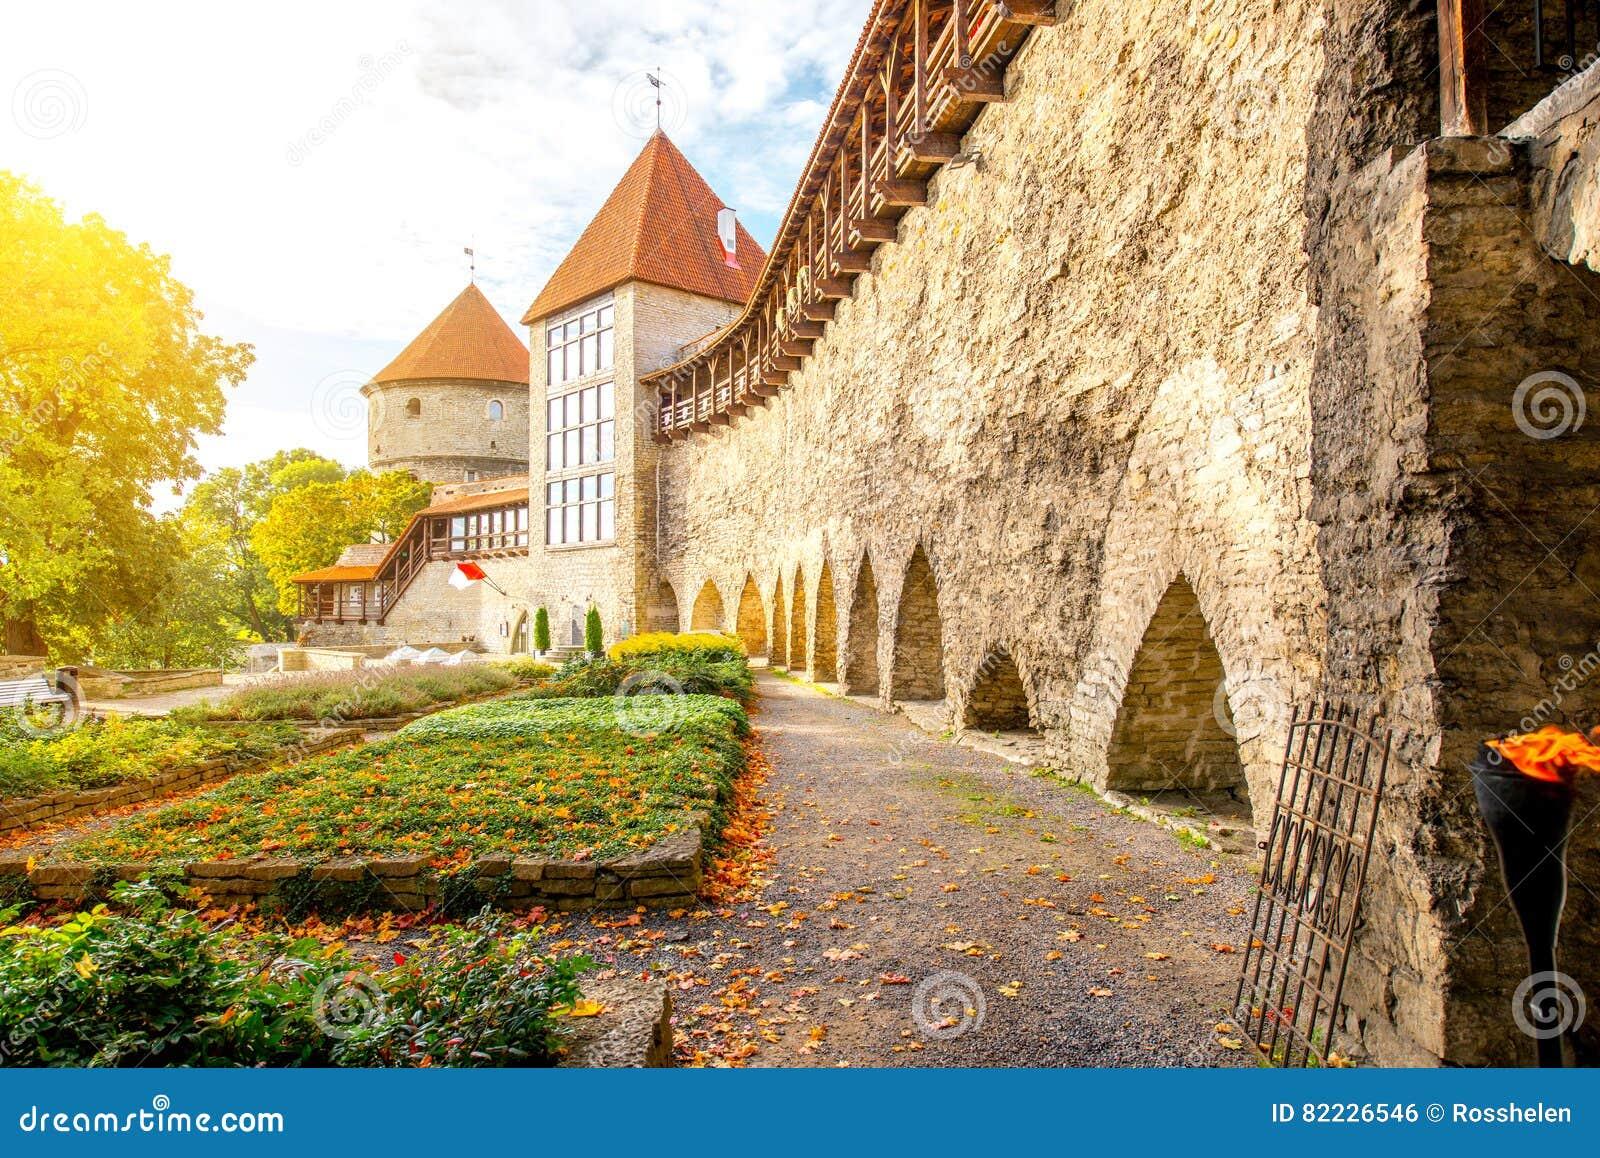 Castle wall in Tallinn